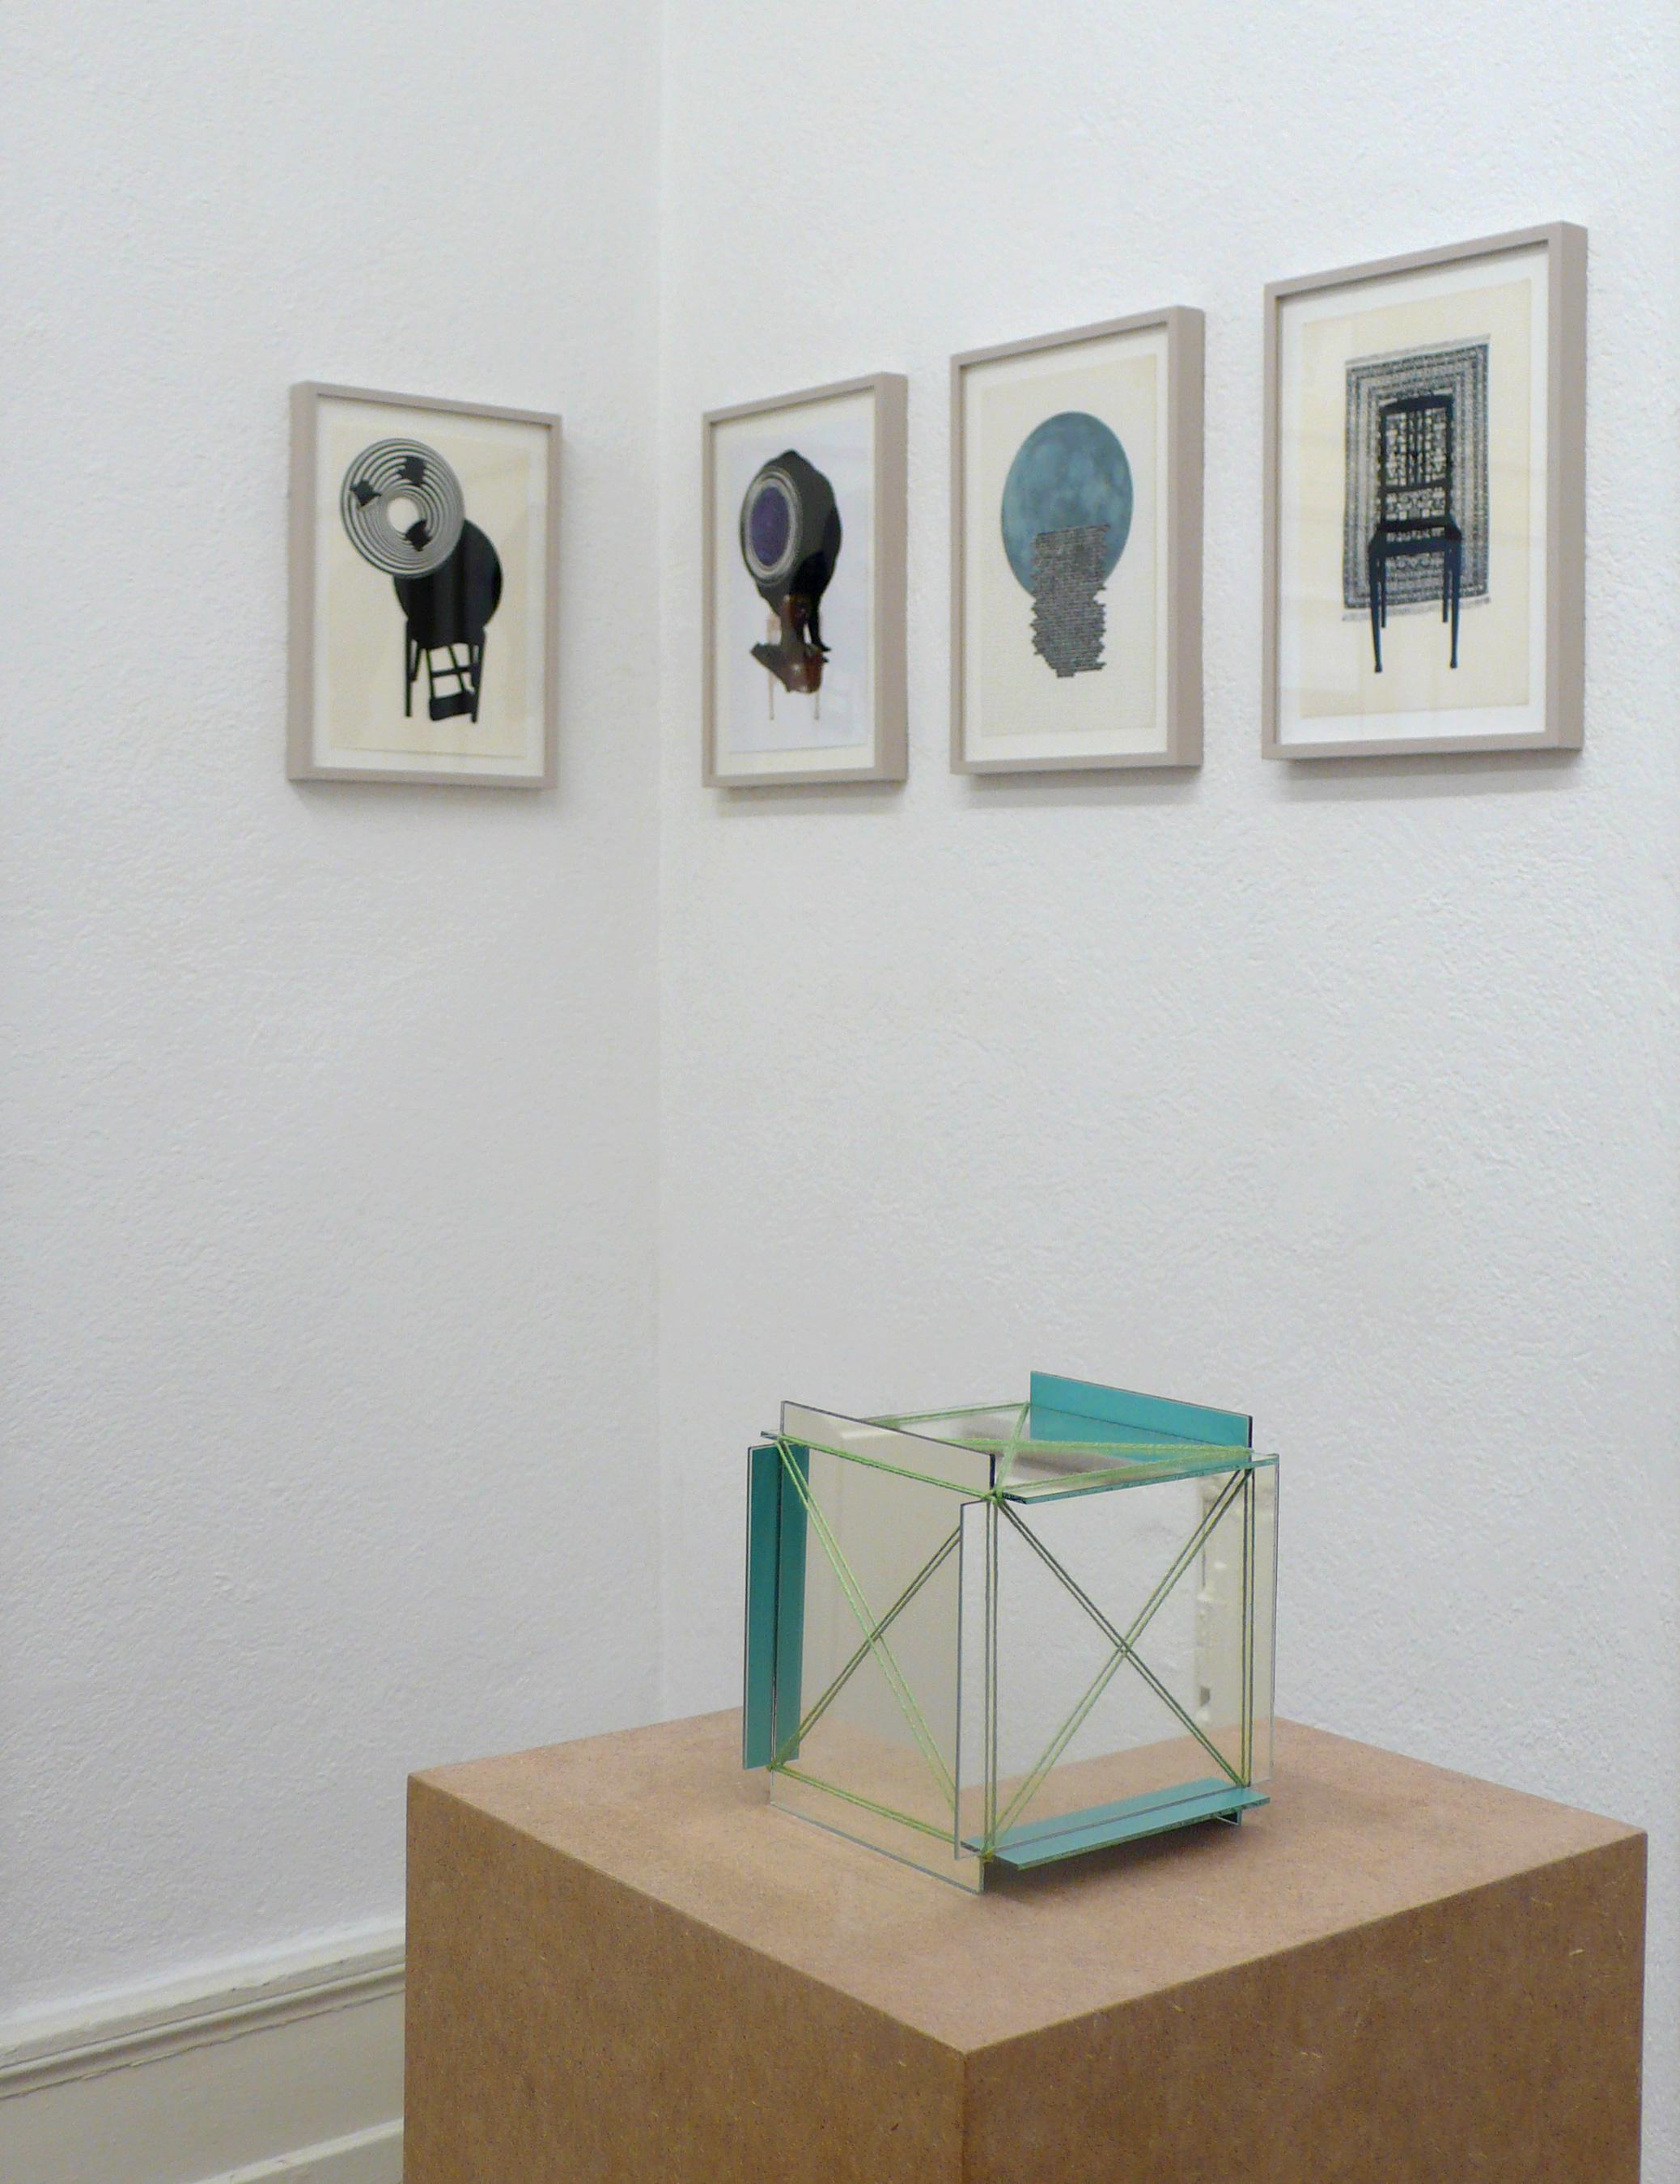 REVEN, 2010 Spiegel, Schnur 12 x 12 cm